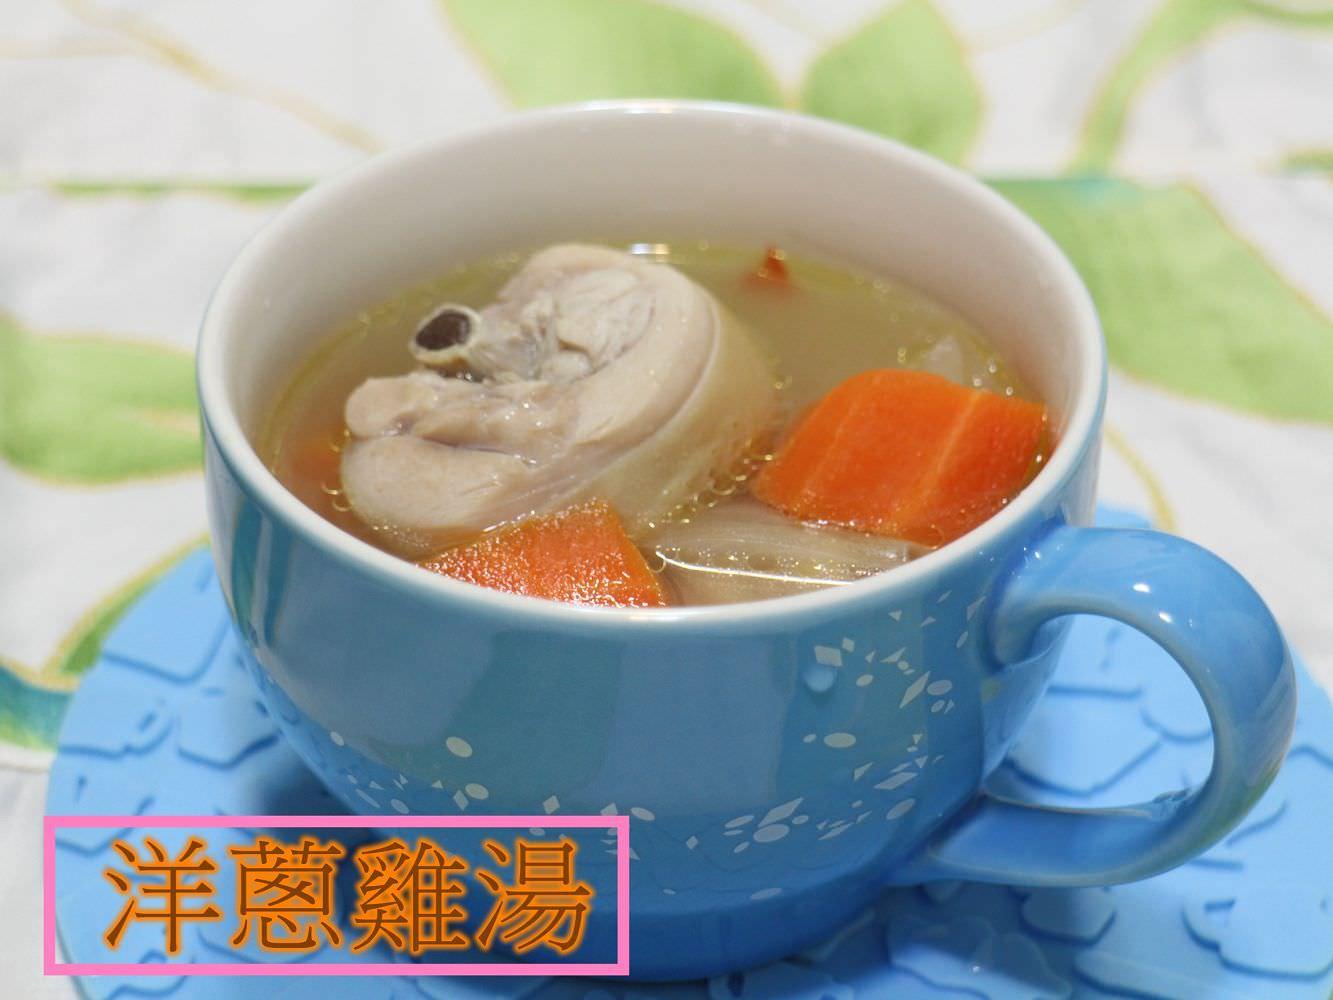 簡易料理︱洋蔥雞湯:天涼了,煮一鍋暖暖家人的胃